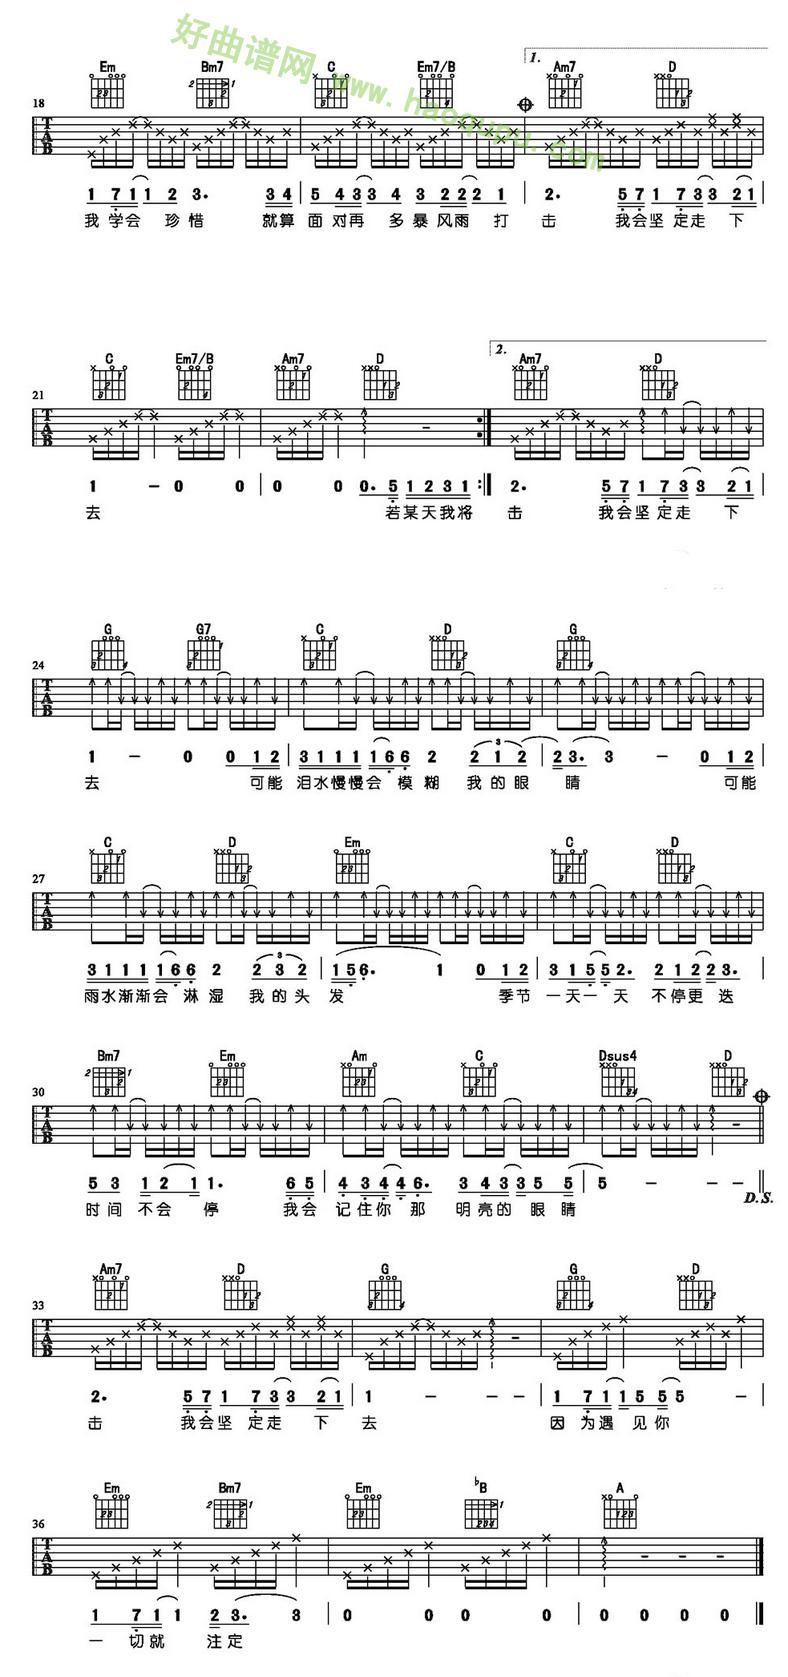 遇见吉他谱17吉他网